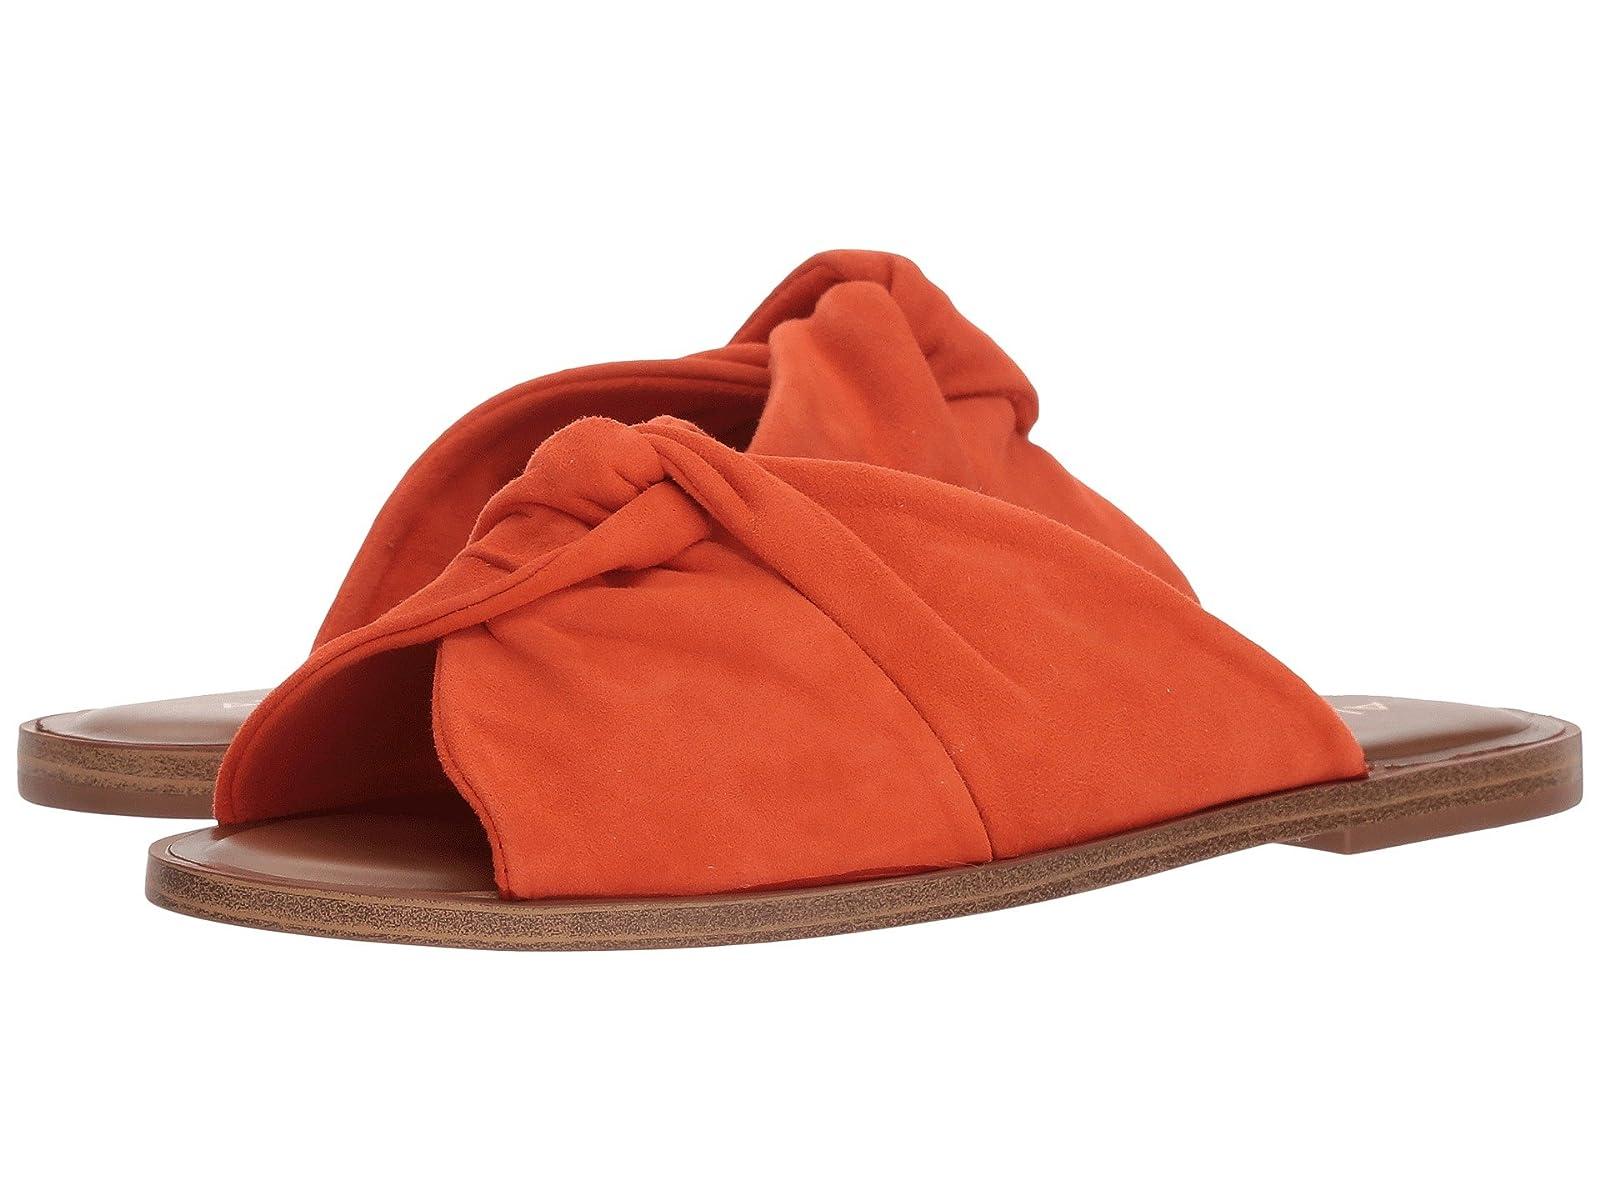 ALDO SessameAtmospheric grades have affordable shoes